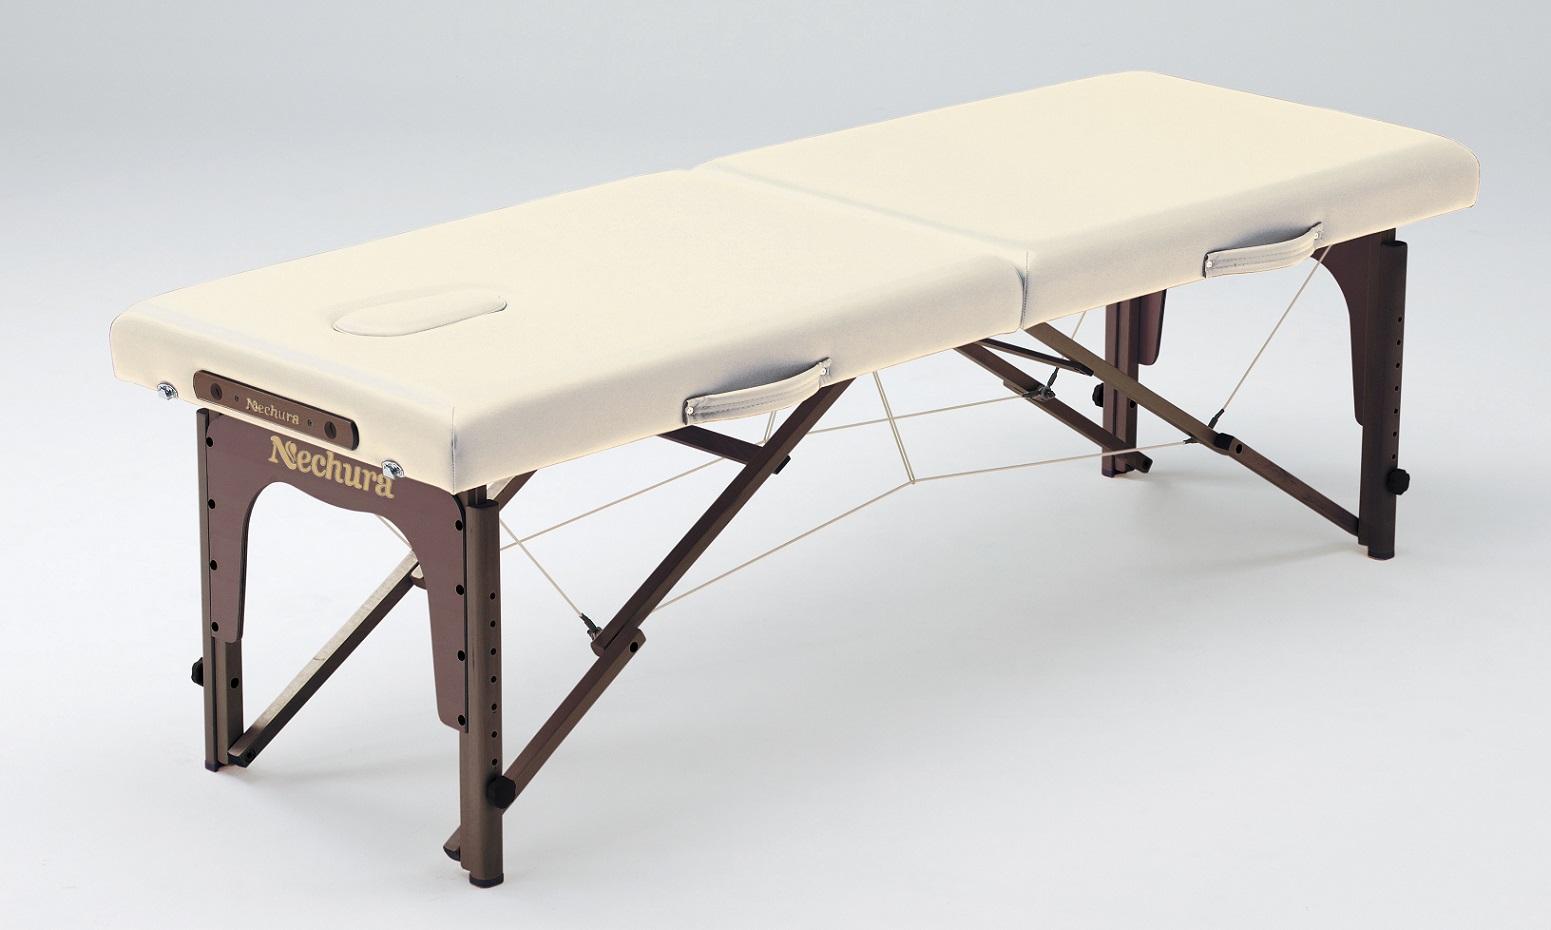 マッサージベッド 折りたたみ ネチュラSimple Practice(シンプルプラクティス) 脚部:ウォルナット木製折り畳みベッド  マッサージ ベッド 整体 ベッド 整体台 エステベッド マッサージ台 施術台 施術ベッド 折り畳み式 折りたたみ式